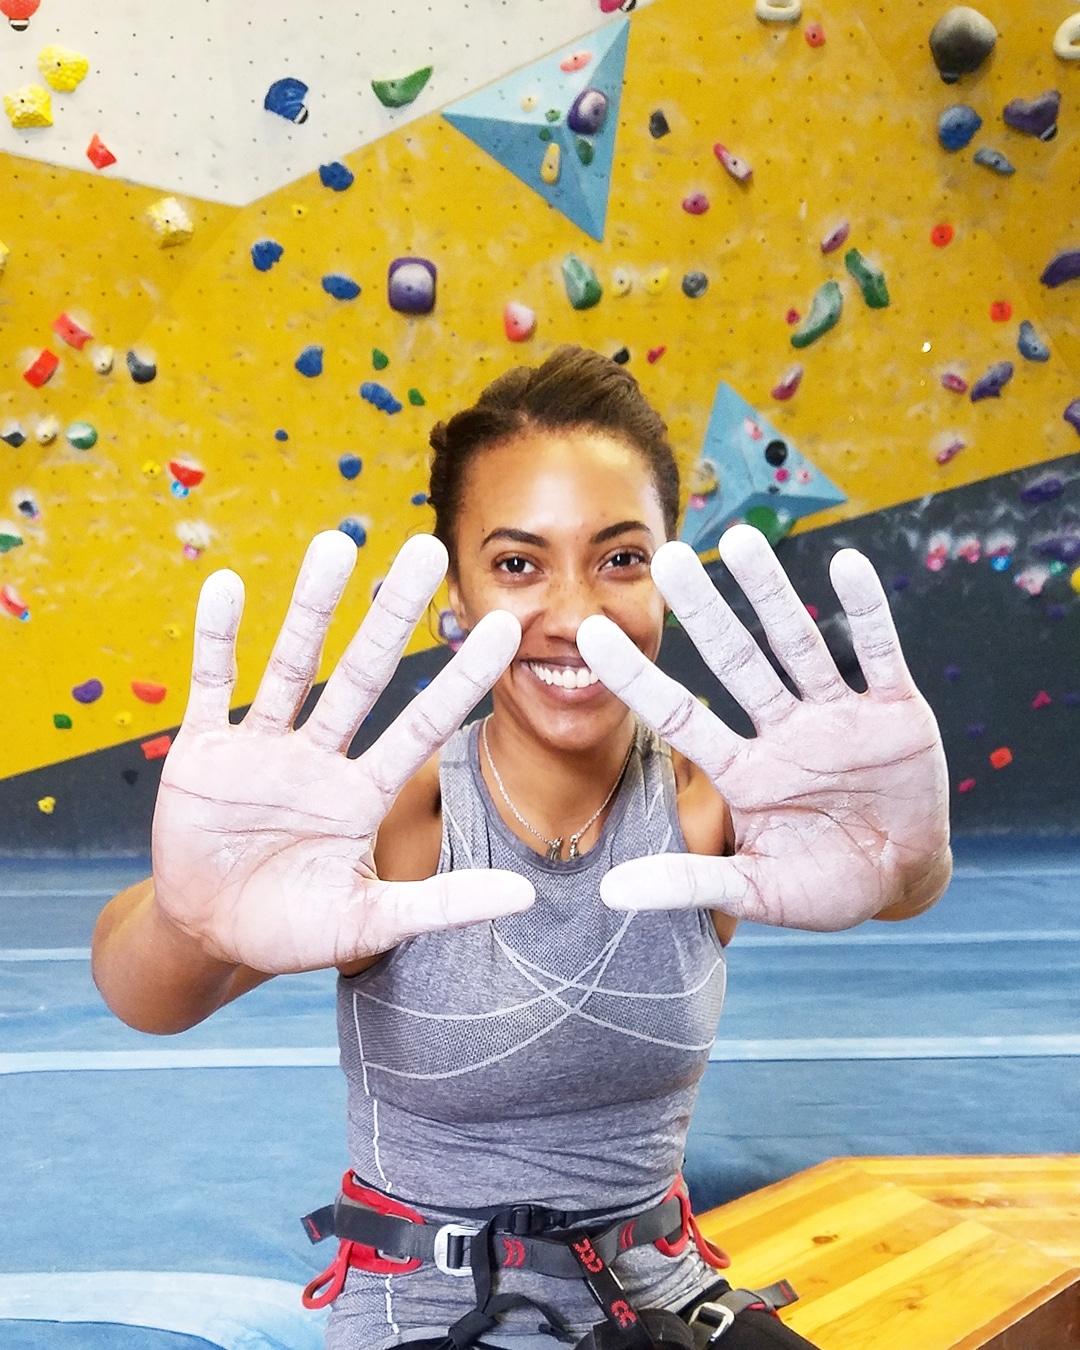 Rebecca ambassador rock climbing women.JPG